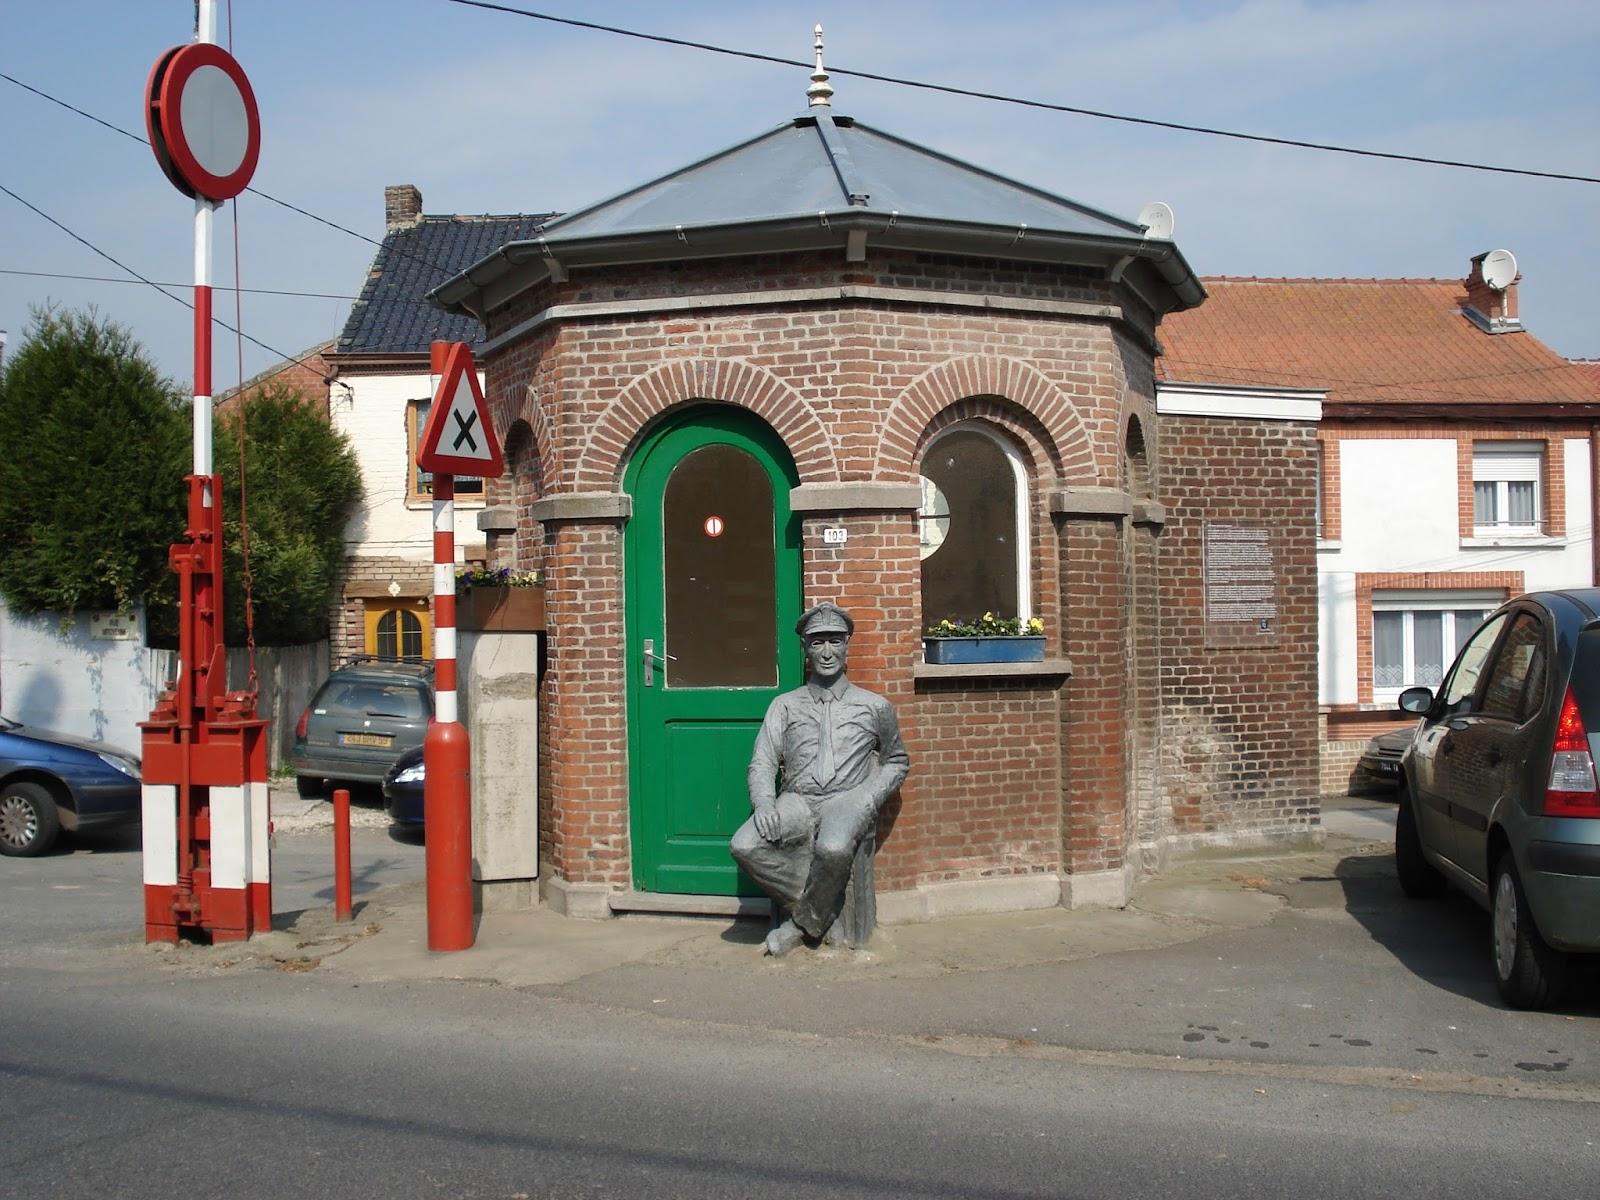 Camiel de douanier in Oost-Cappel